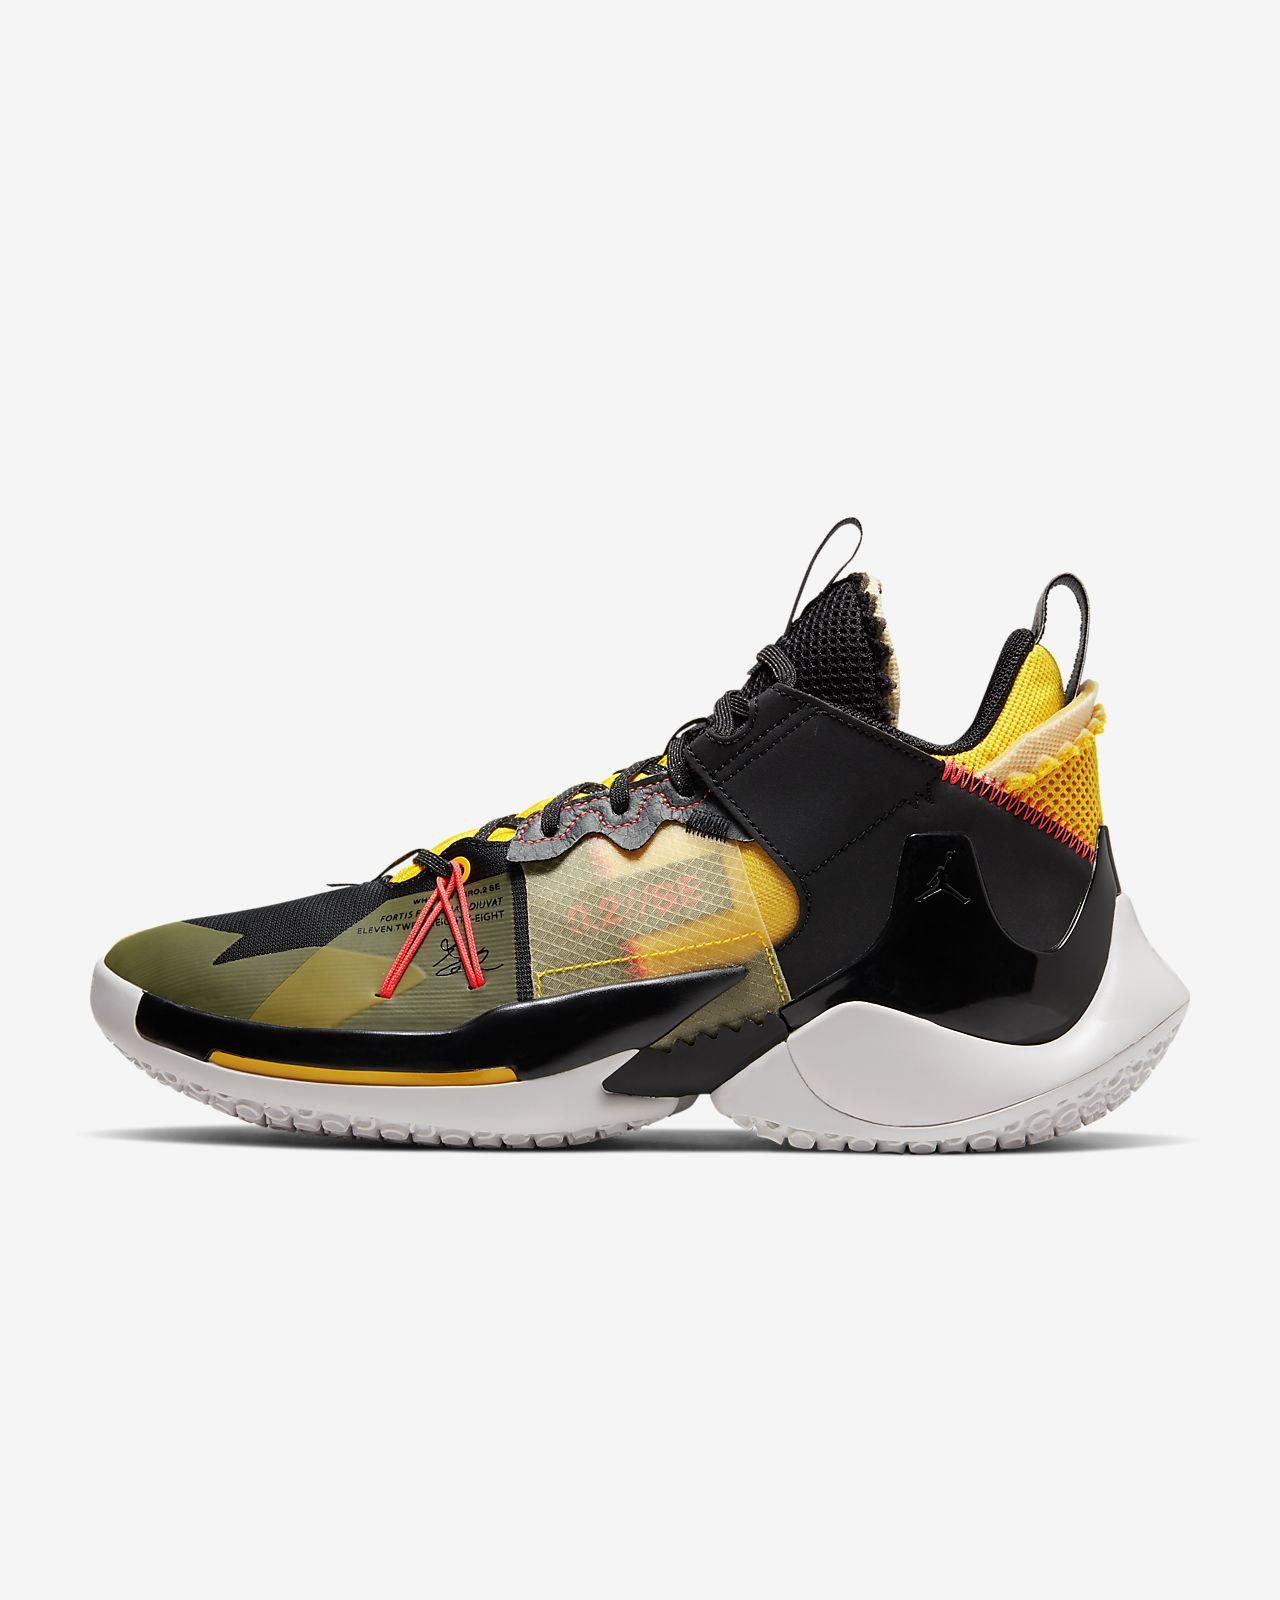 De Chaussure Jordan Chaussure Basketball Jordan Basketball De AR5cL3q4j